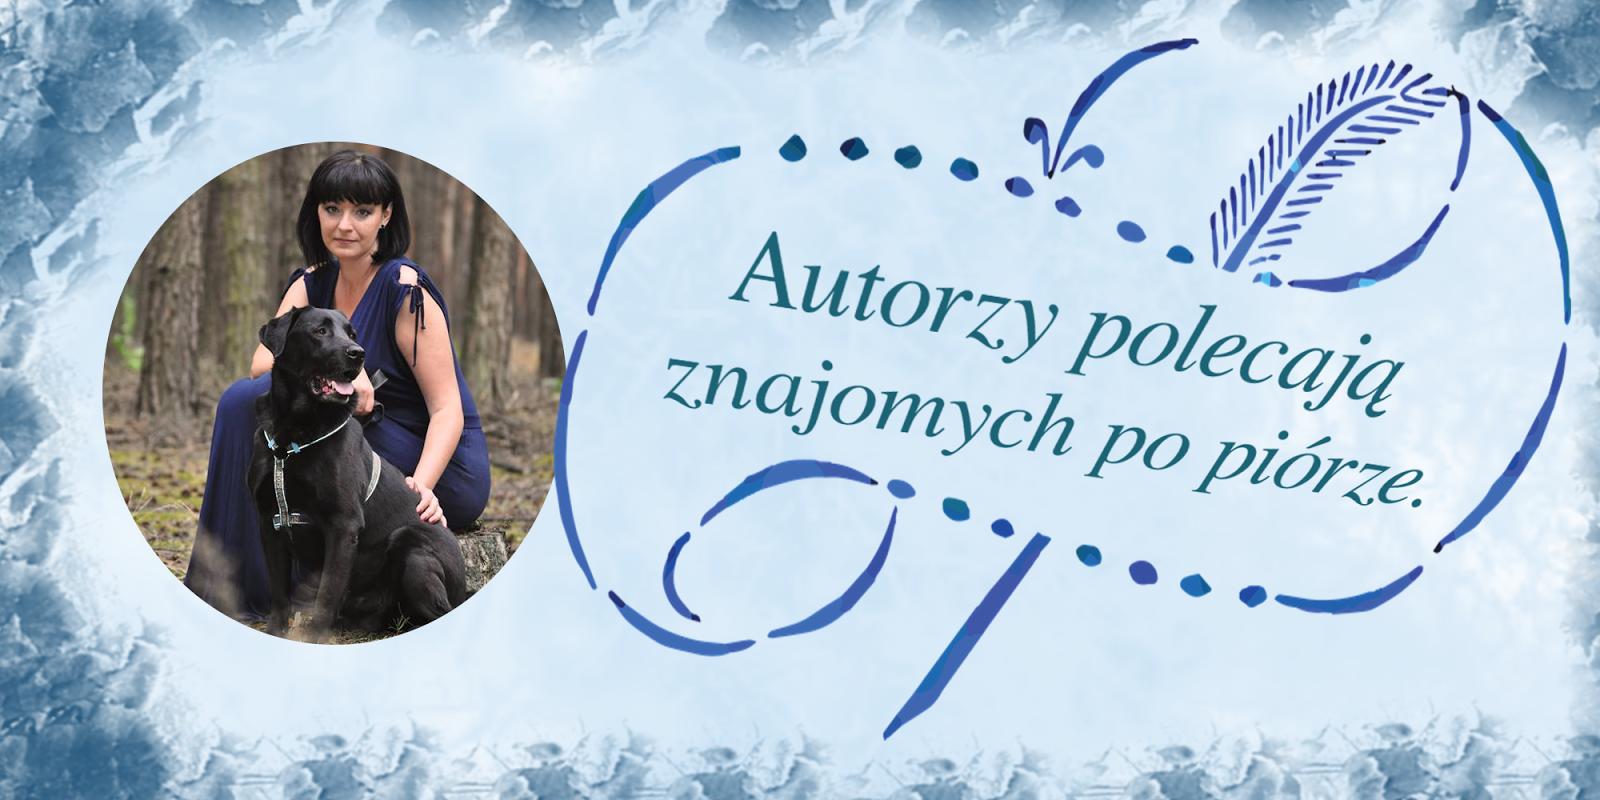 Autorzy polecają znajomych po piórze — dziś w odcinku Natalia Nowak-Lewandowska!